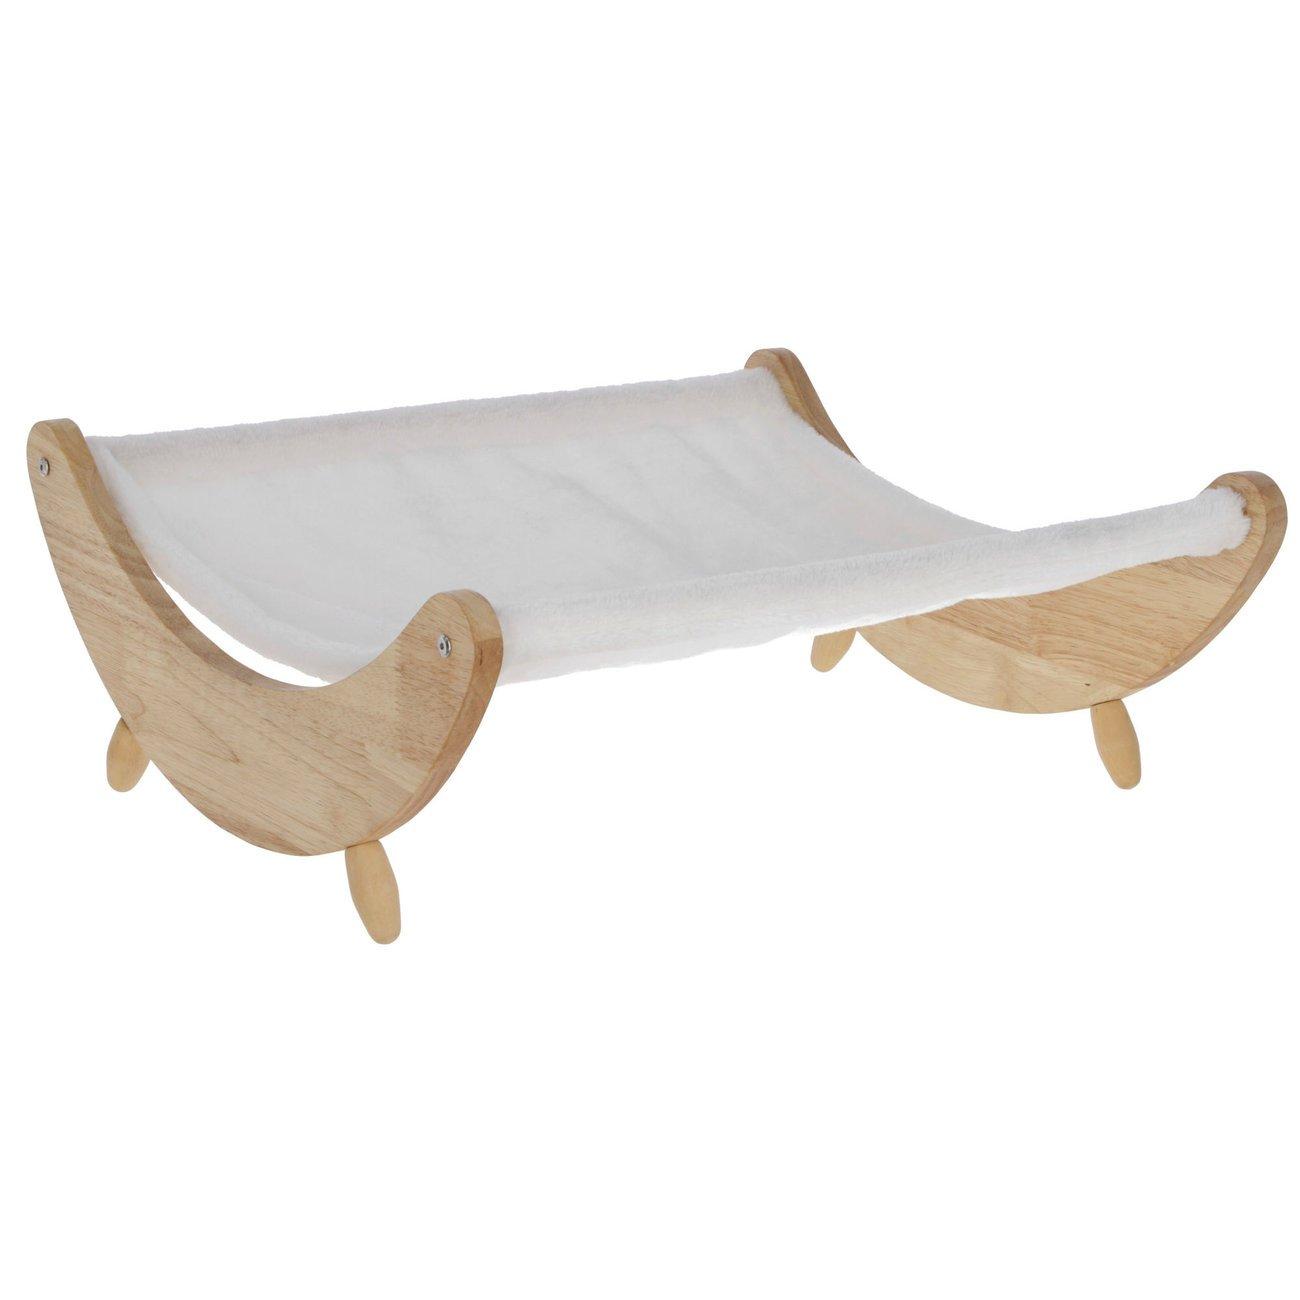 Kerbl Katzen Hängematte Dream, weiß mit Holzgestell, 51x46x19,5 cm